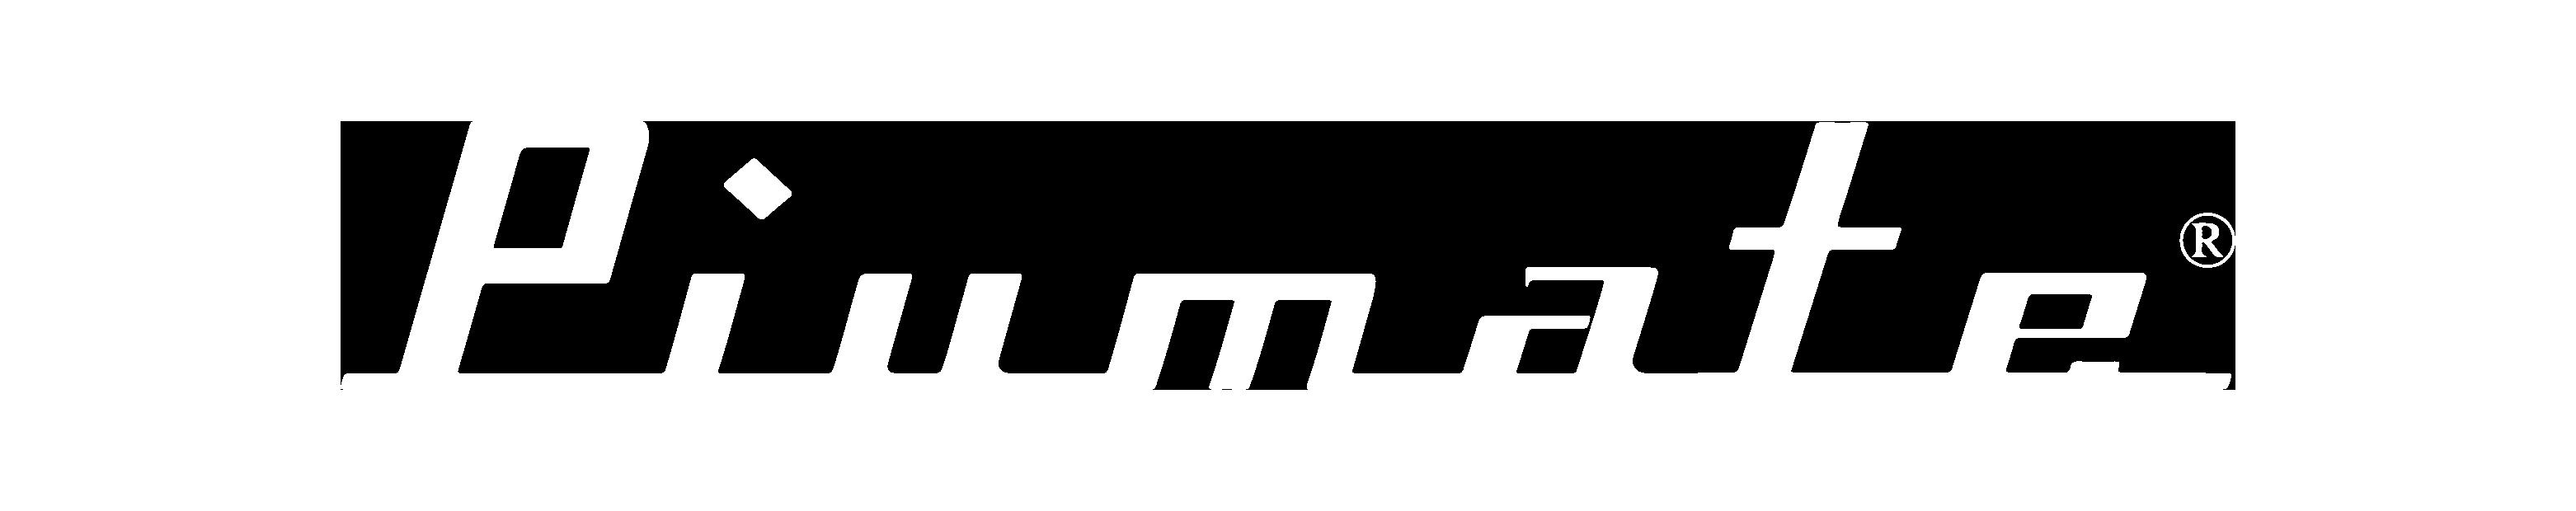 02.PIUMATE